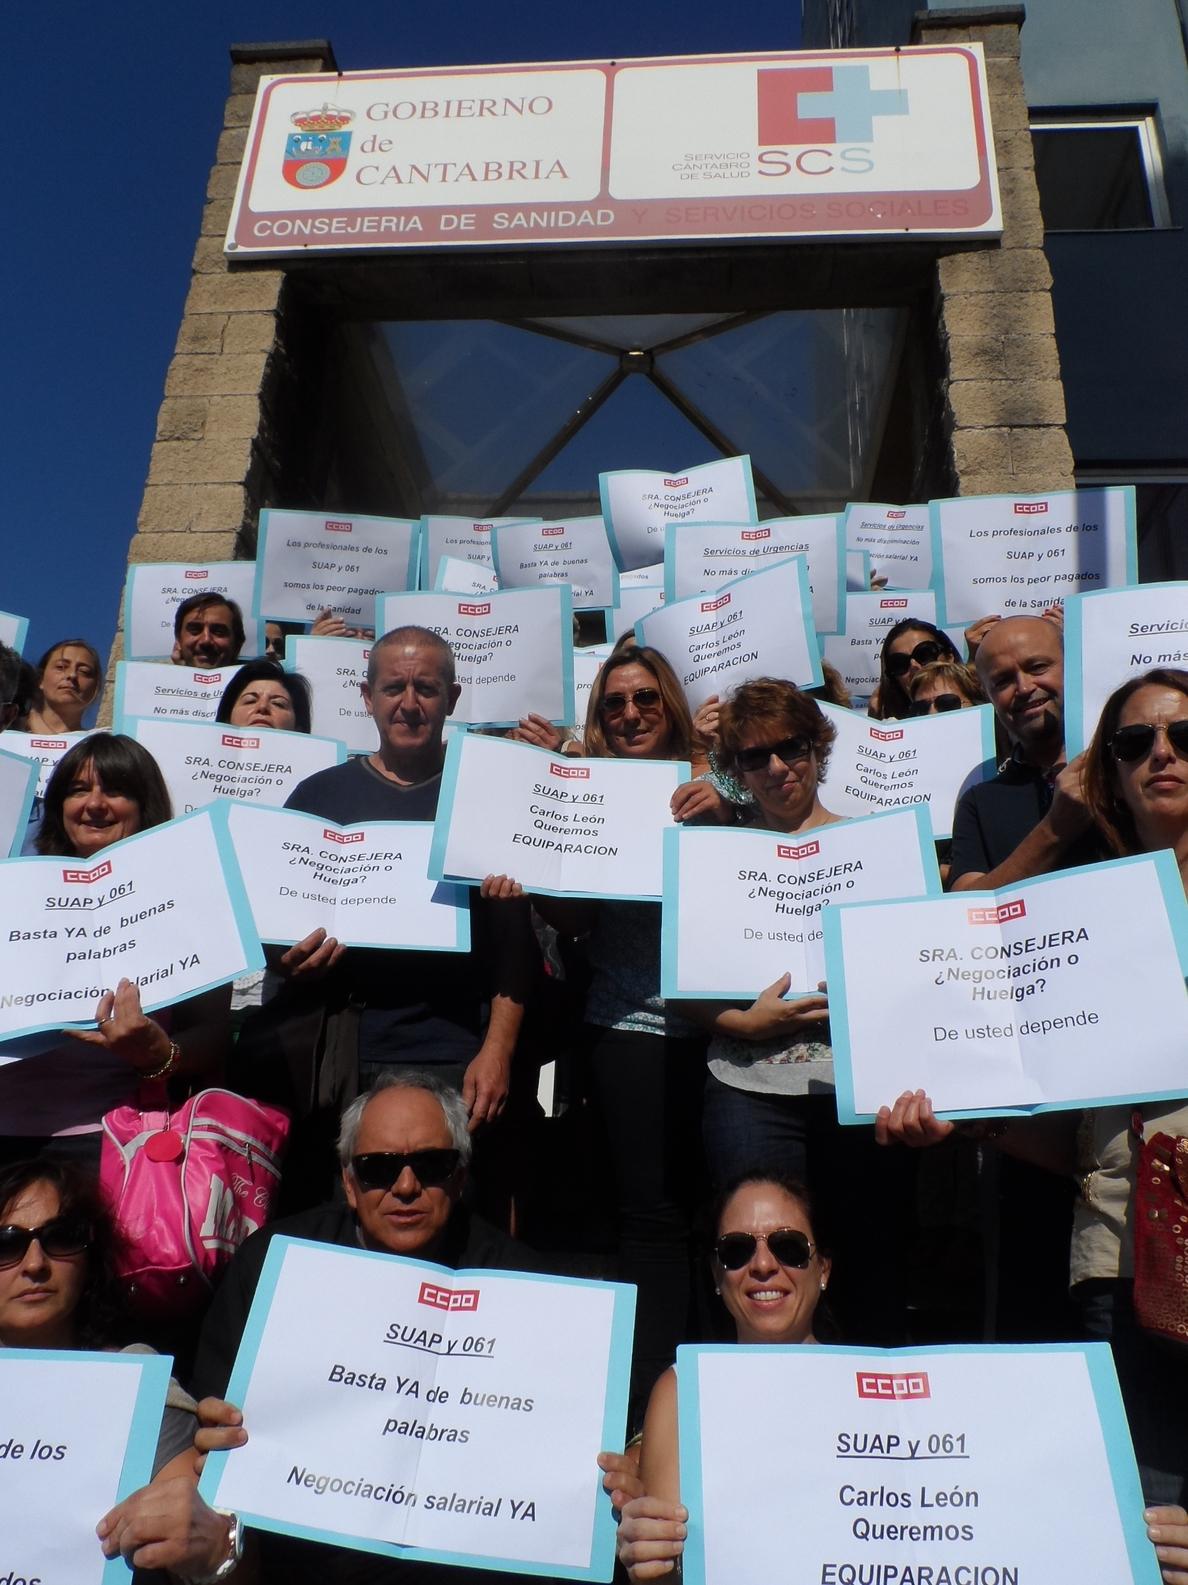 Los sindicatos convocan huelga indefinida en el SUAP y el 061 a partir del 15 de noviembre